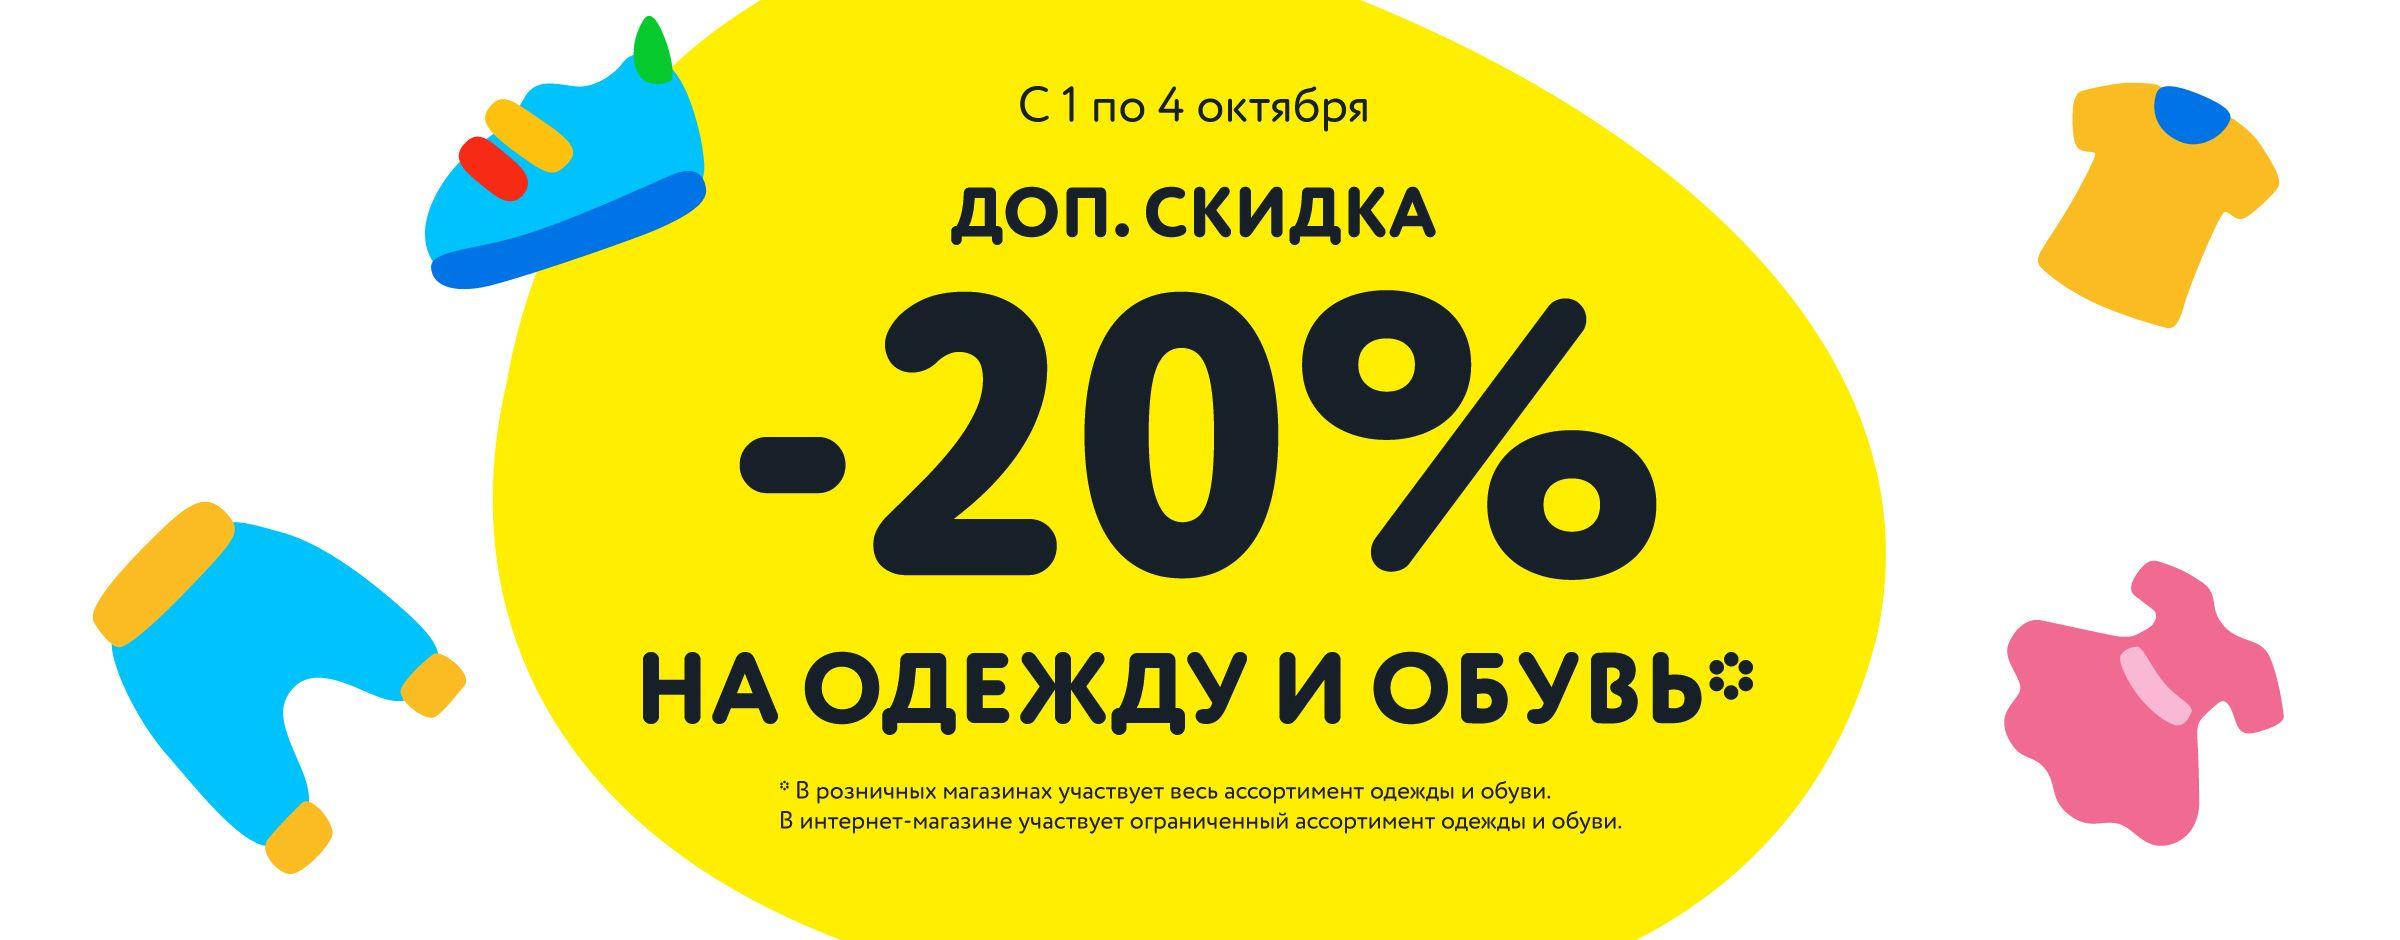 Доп скидка 20% в корзине на выделенный ассортимент ОиО и МП